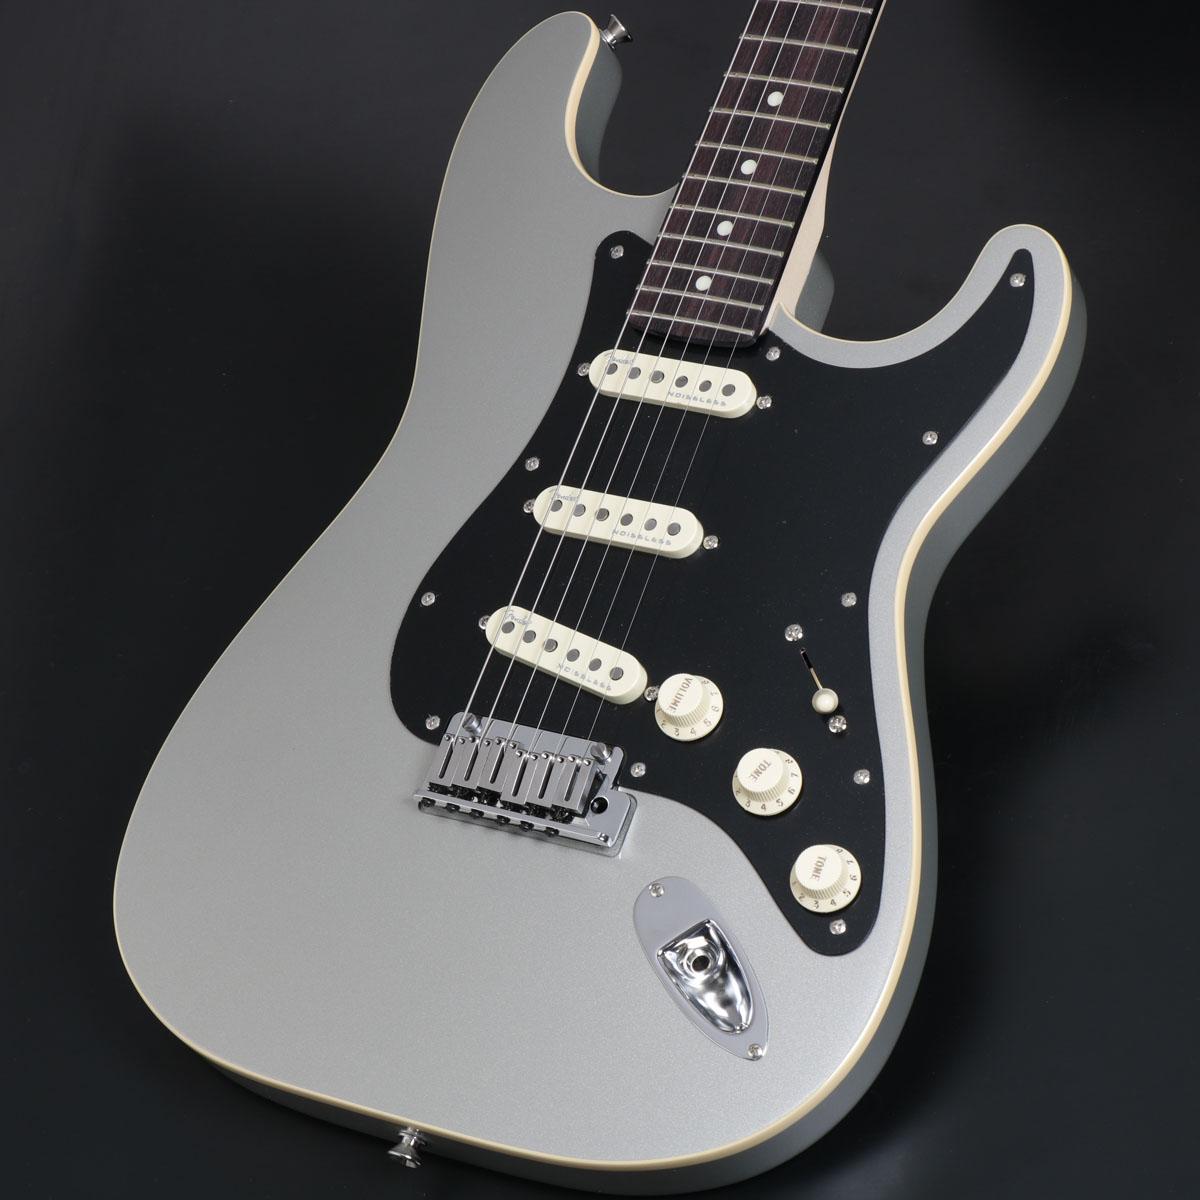 【訳あり】 Fender Silver/ Inca Made in Japan Modern Stratocaster in Rosewood Fingerboard Inca Silver フェンダー【新品特価】《お値段見直しました!》【御茶ノ水本店】, Jam:6f5dfbd7 --- promilahcn.com